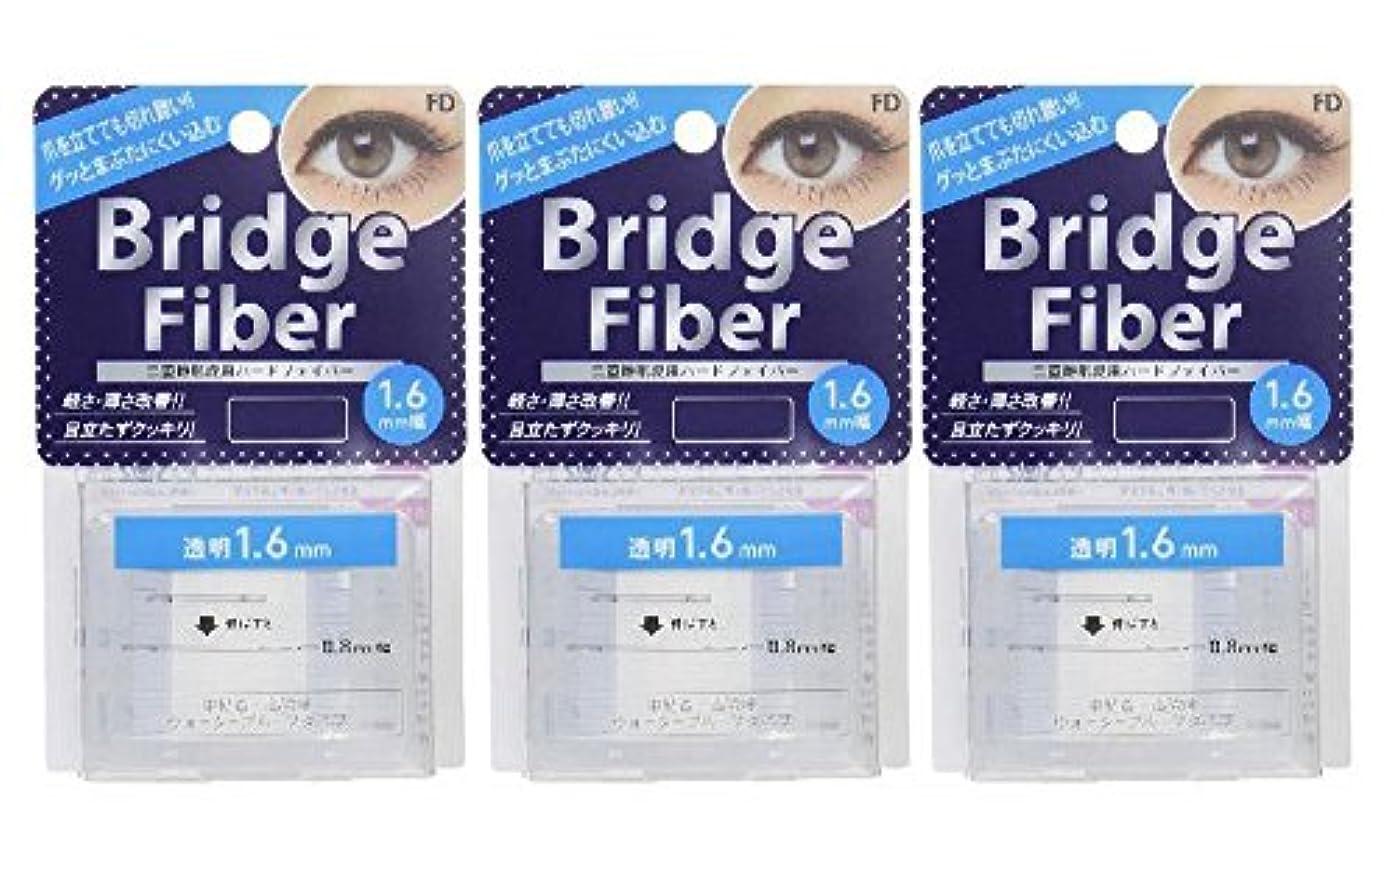 逸話抹消性的FD ブリッジファイバーII (眼瞼下垂防止テープ) 3個セット 透明 1.6mm